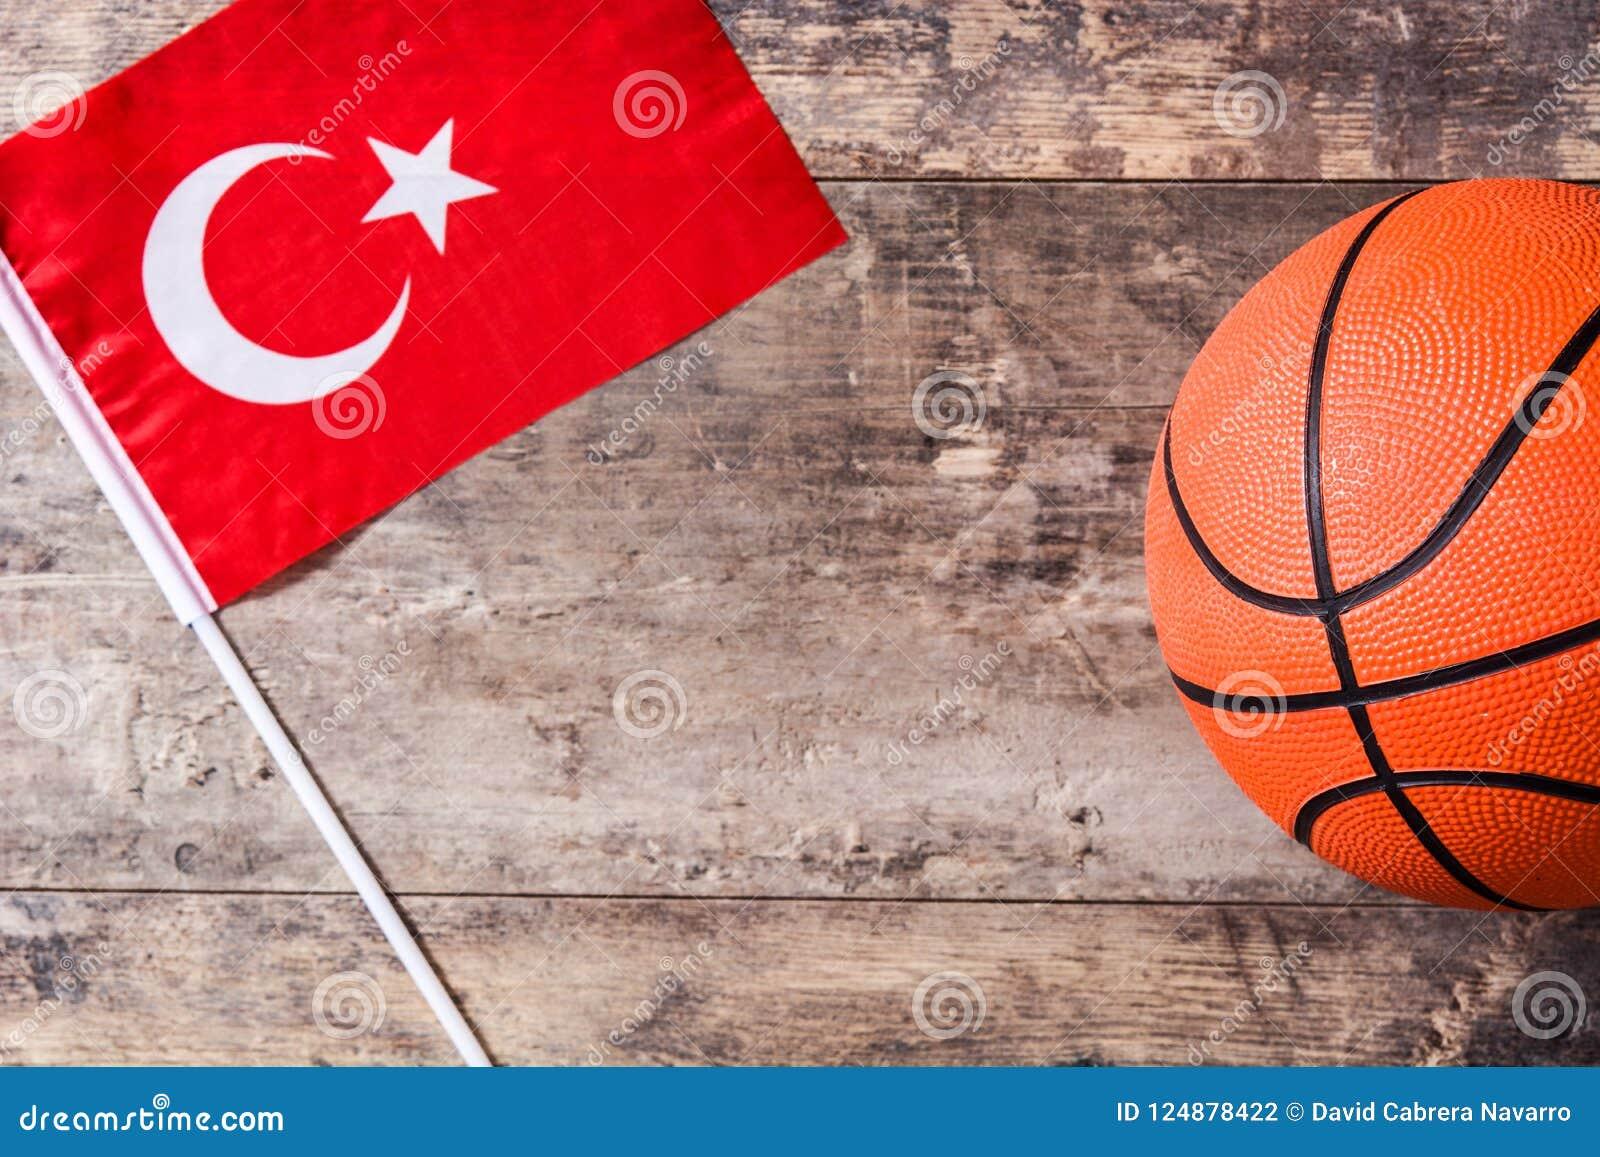 在木桌上的篮球和土耳其旗子